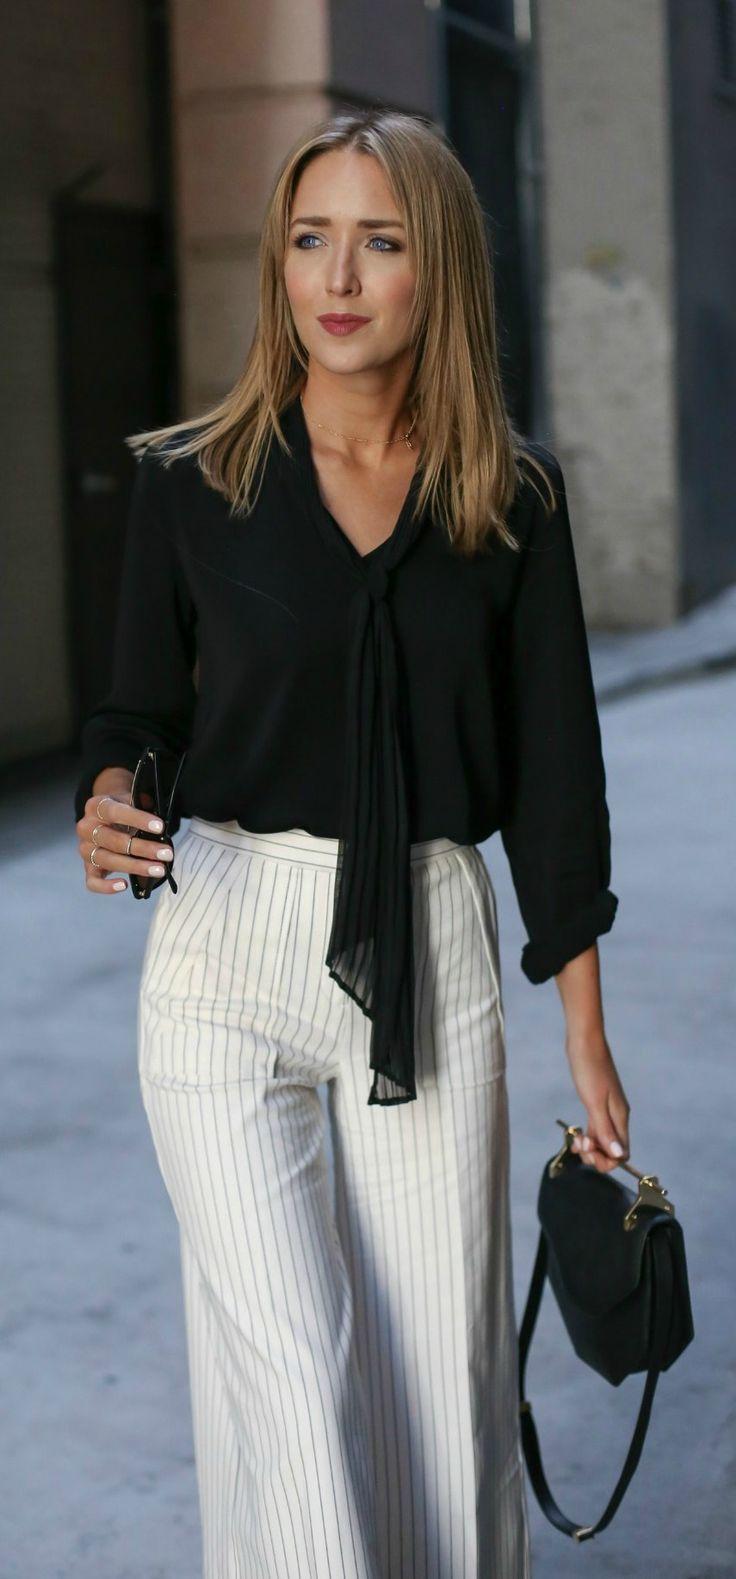 pinstripe wide leg cropped pants, black tie neck blouse, black handbag + sunglasses {ann taylor,  m2malletier, smoke x mirrors}